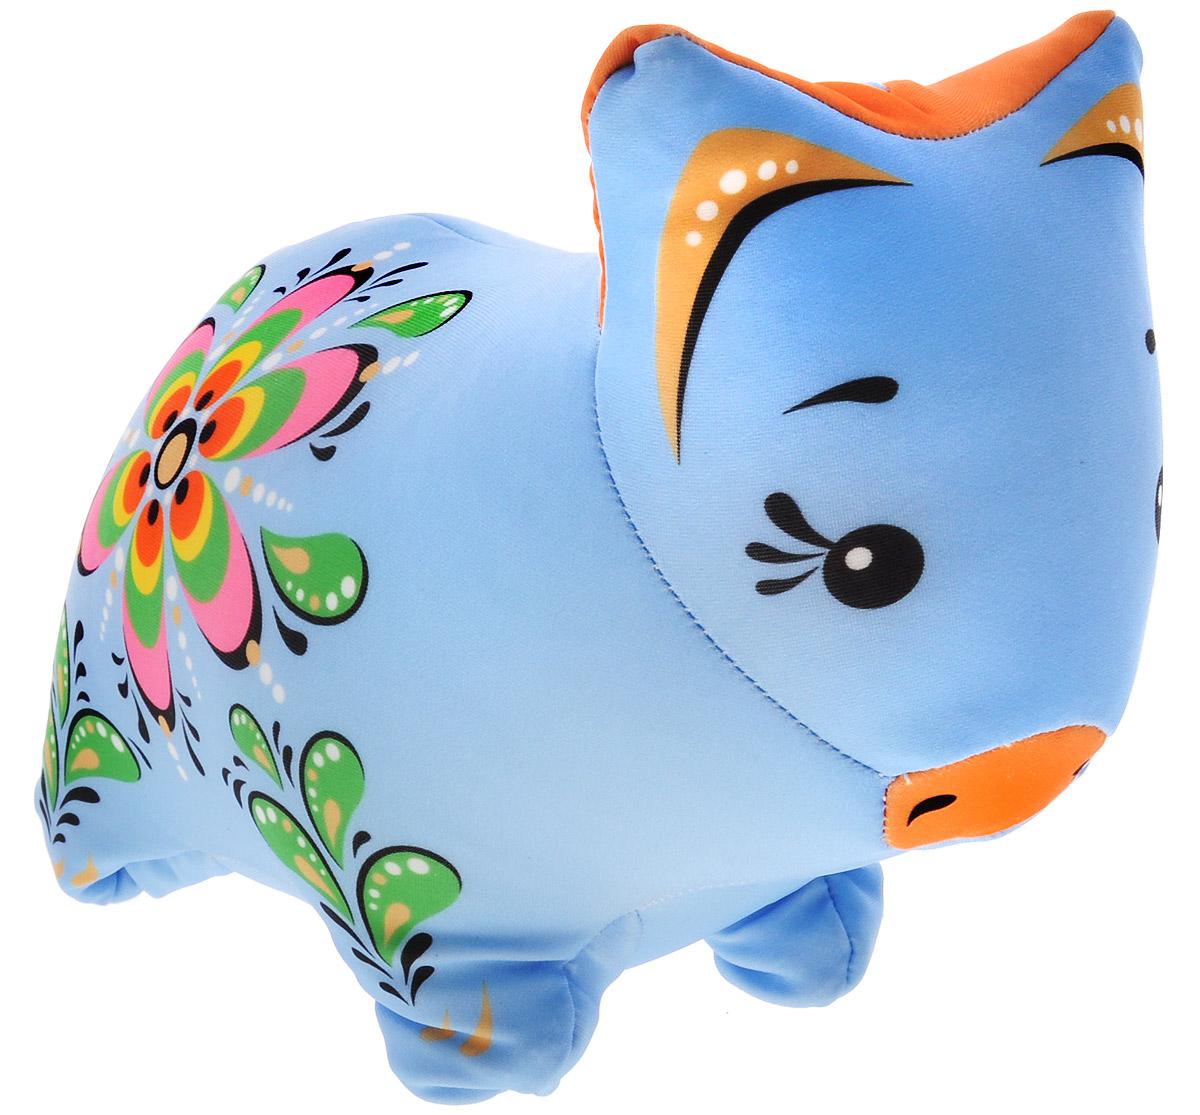 Maxi Toys Мягкая игрушка Свинка Городецкий стиль 20 см цвет голубой мягкая игрушка свинка городецкий стиль 23 см в ассортименте